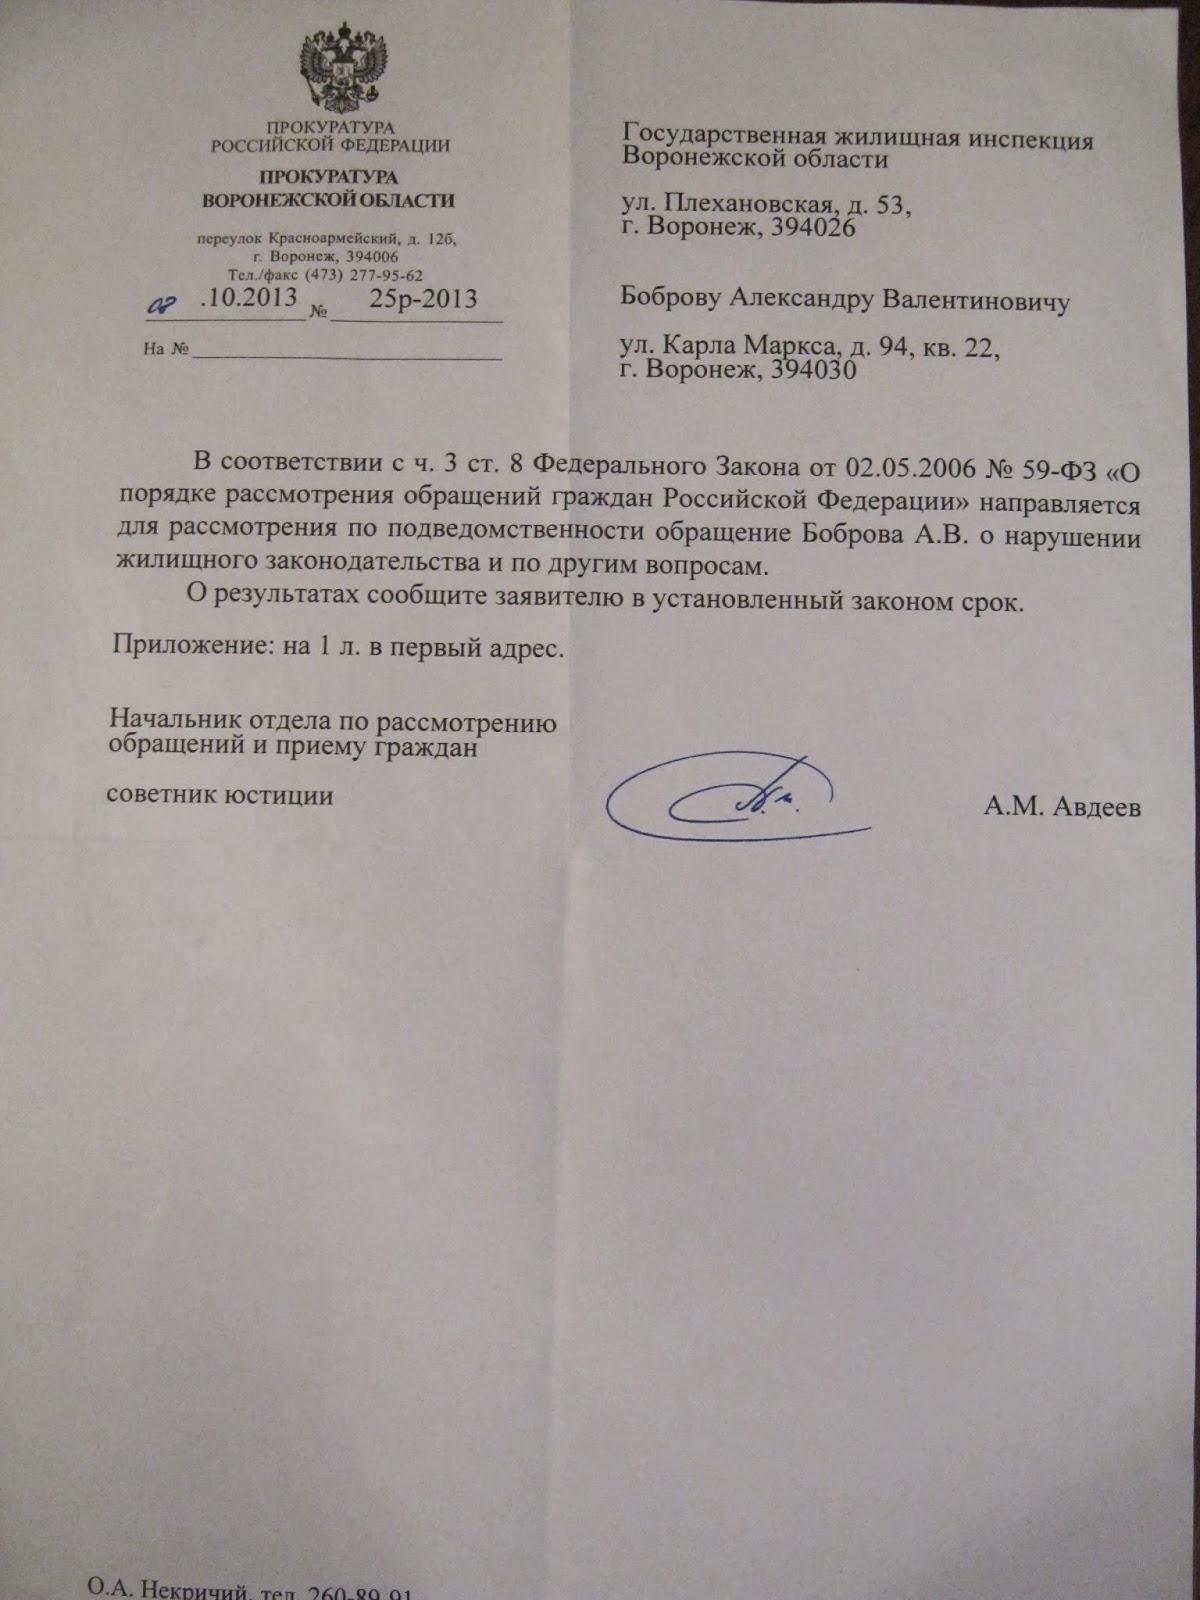 Письмо из прокуратуры от 08.10.2013 № 25р-2013